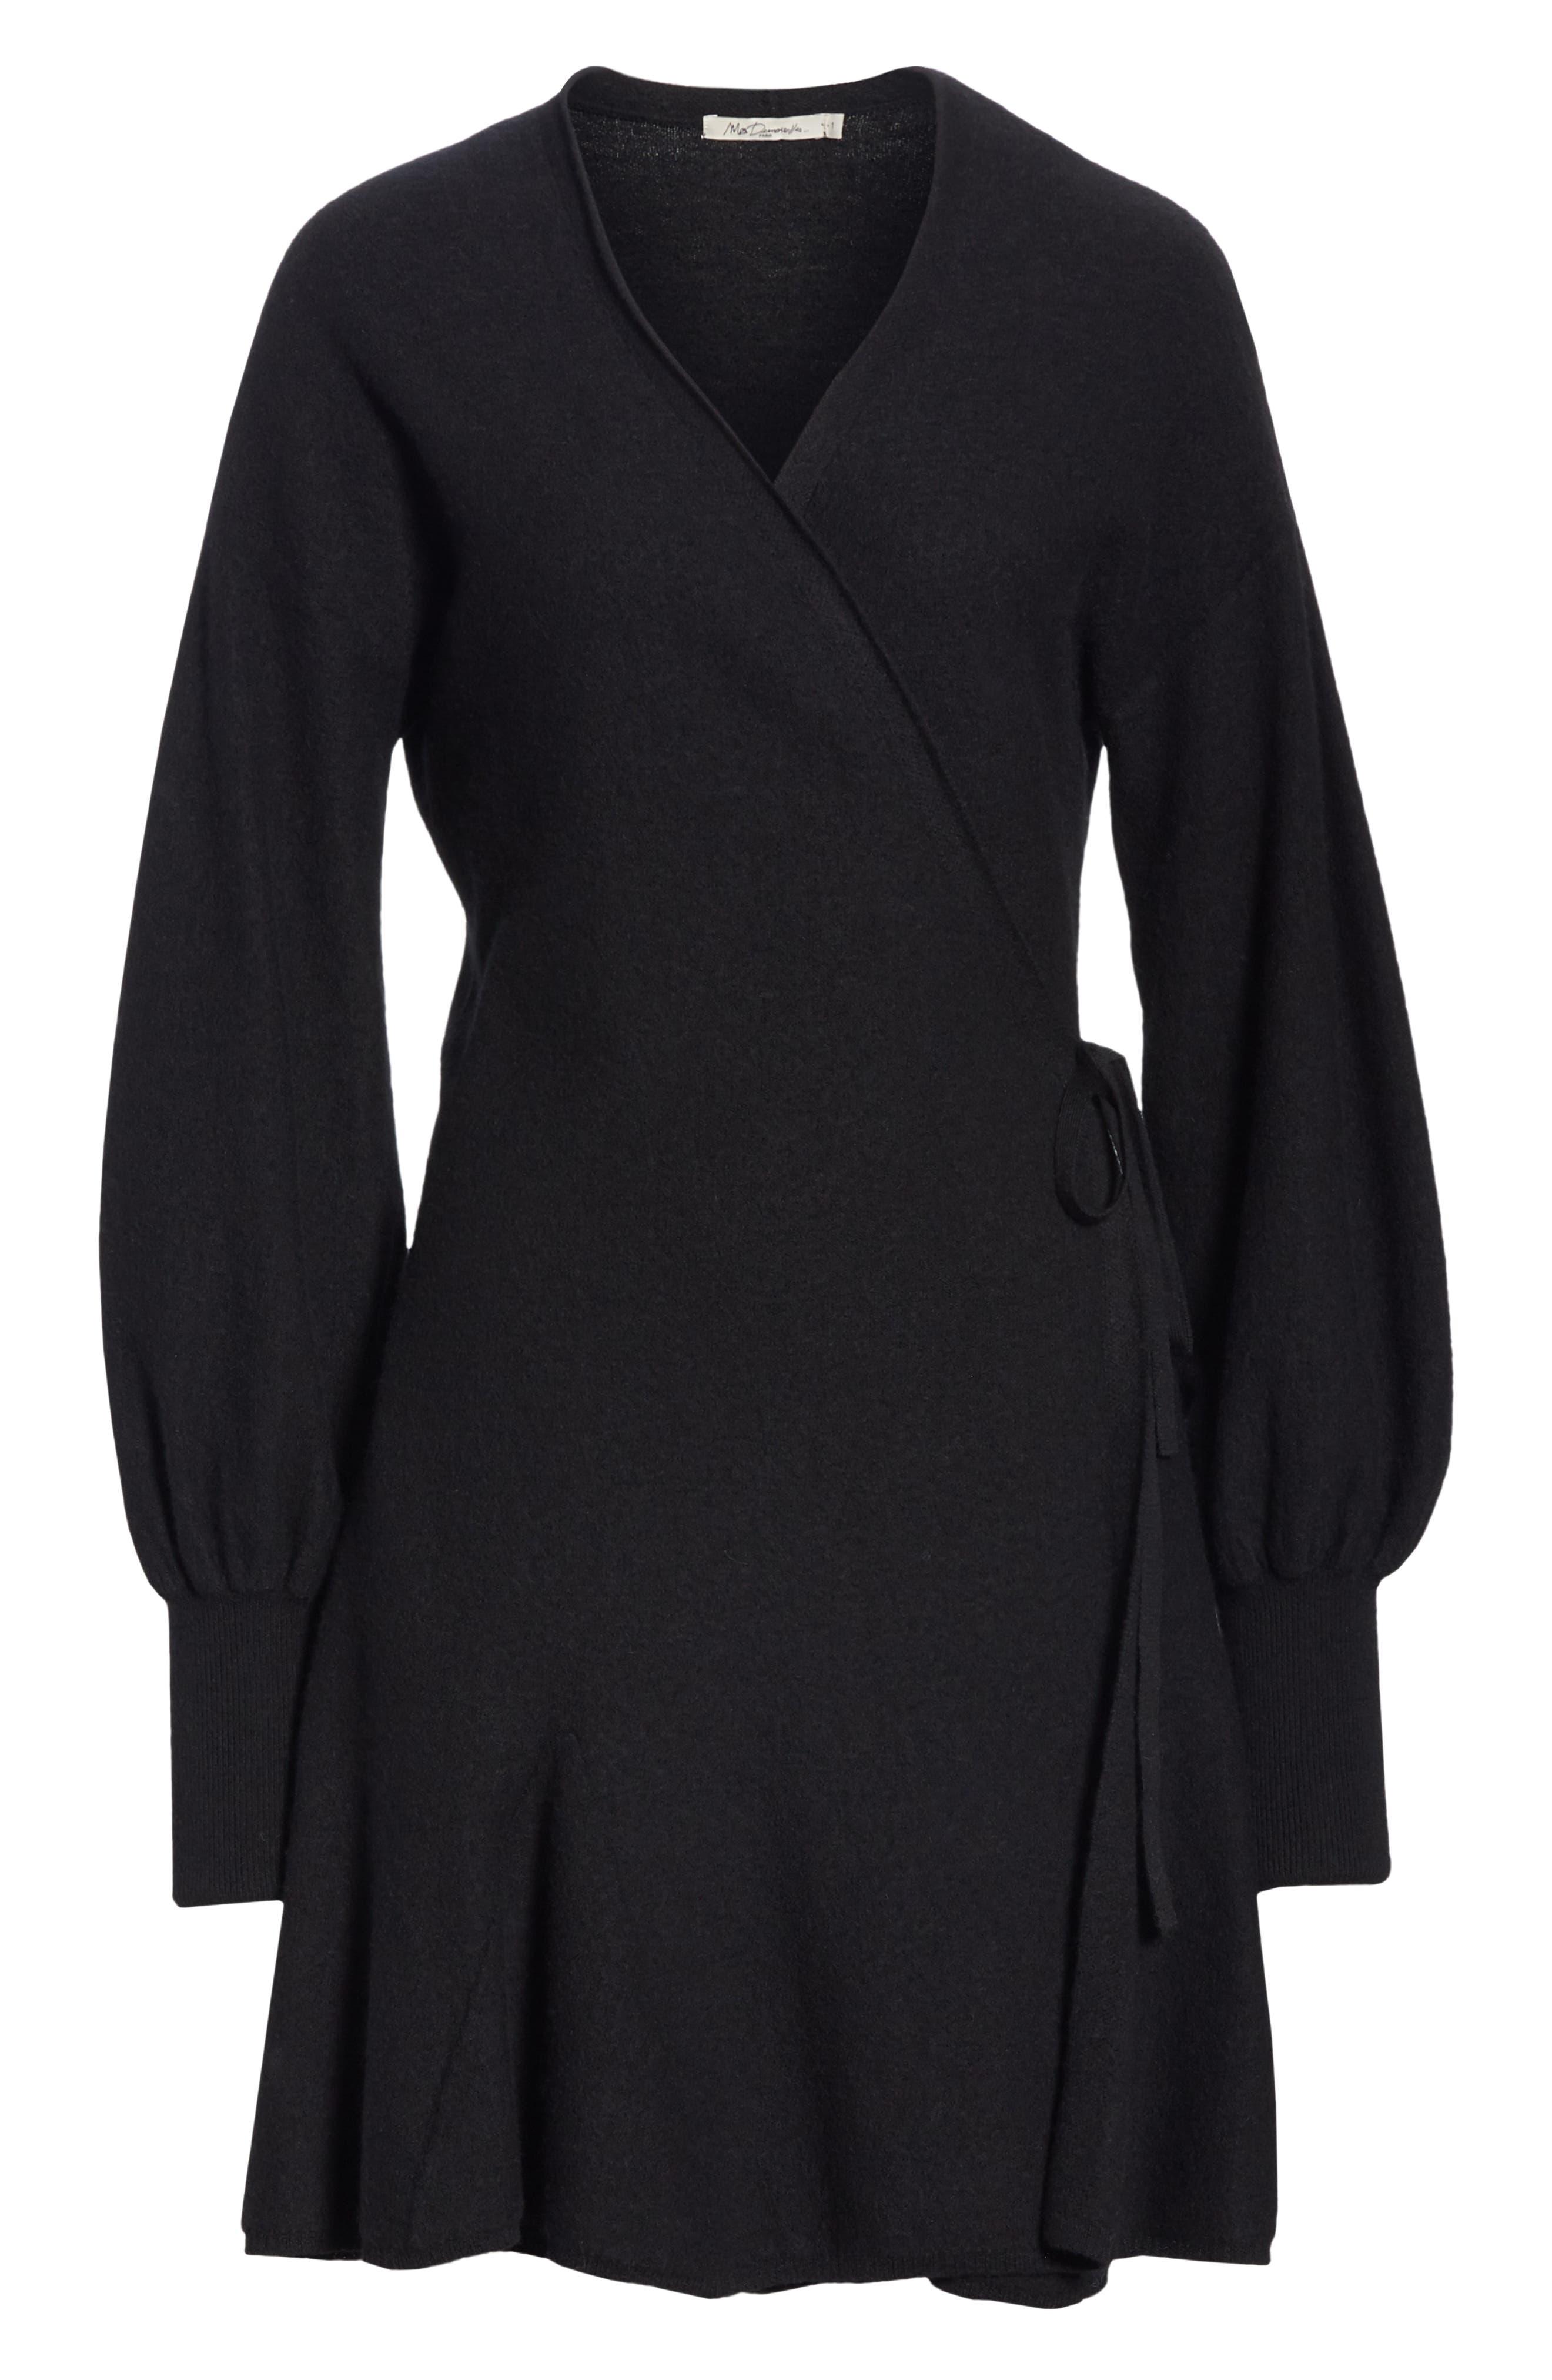 Sevilla Wool Felt Dress,                             Alternate thumbnail 7, color,                             001